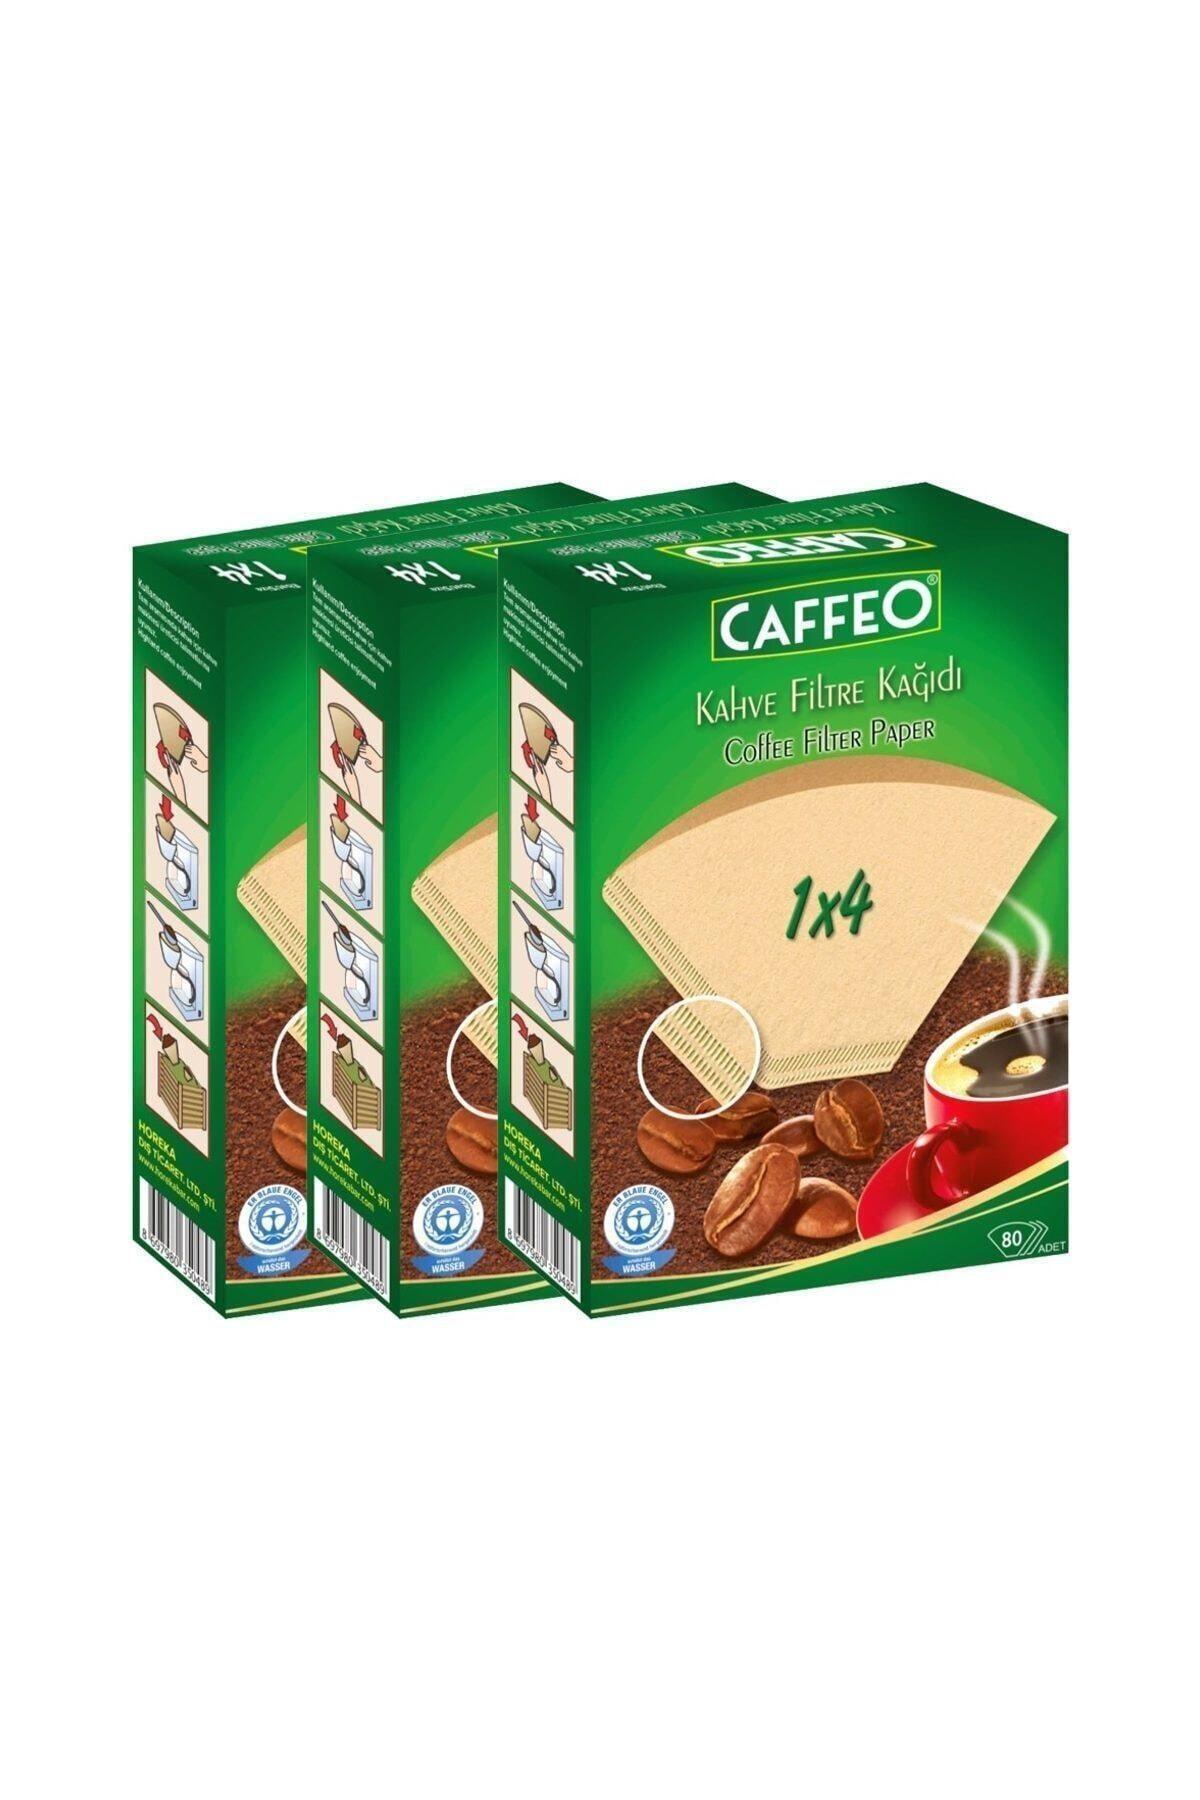 Kahve Filtre Kağıdı 1x4 80 Adet 3 Lü Set 240 Adet